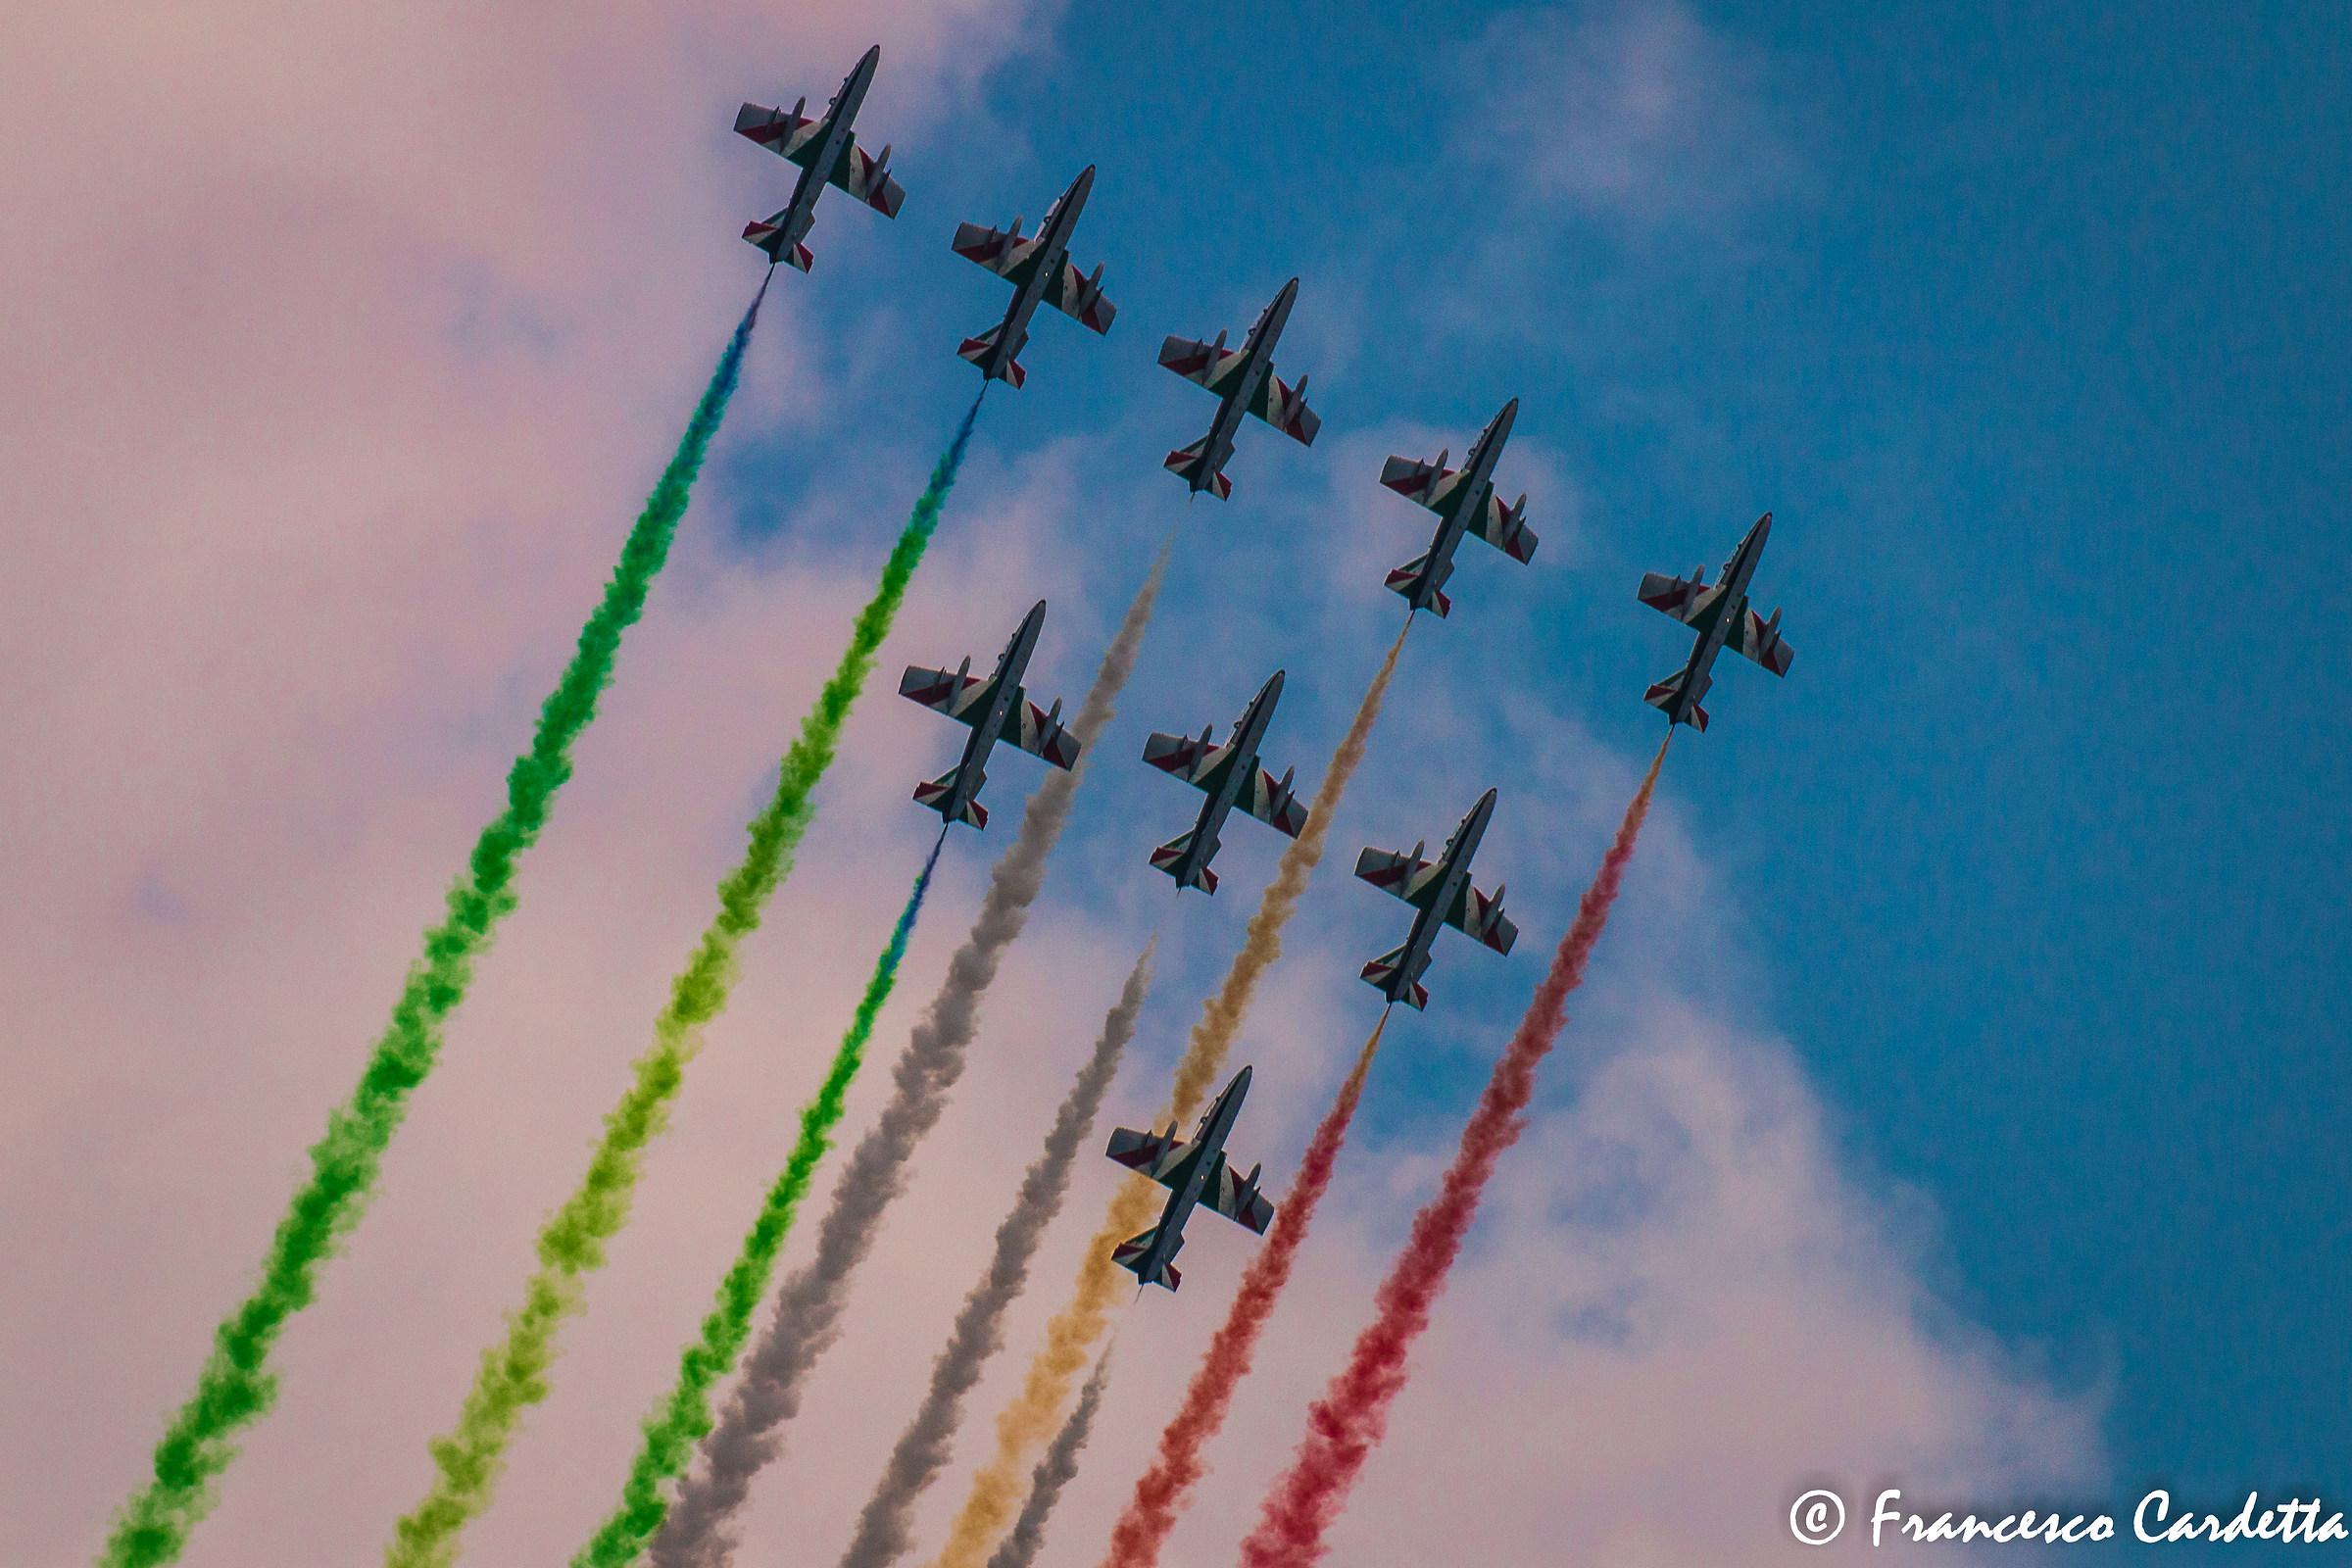 Tricolor upwards ......